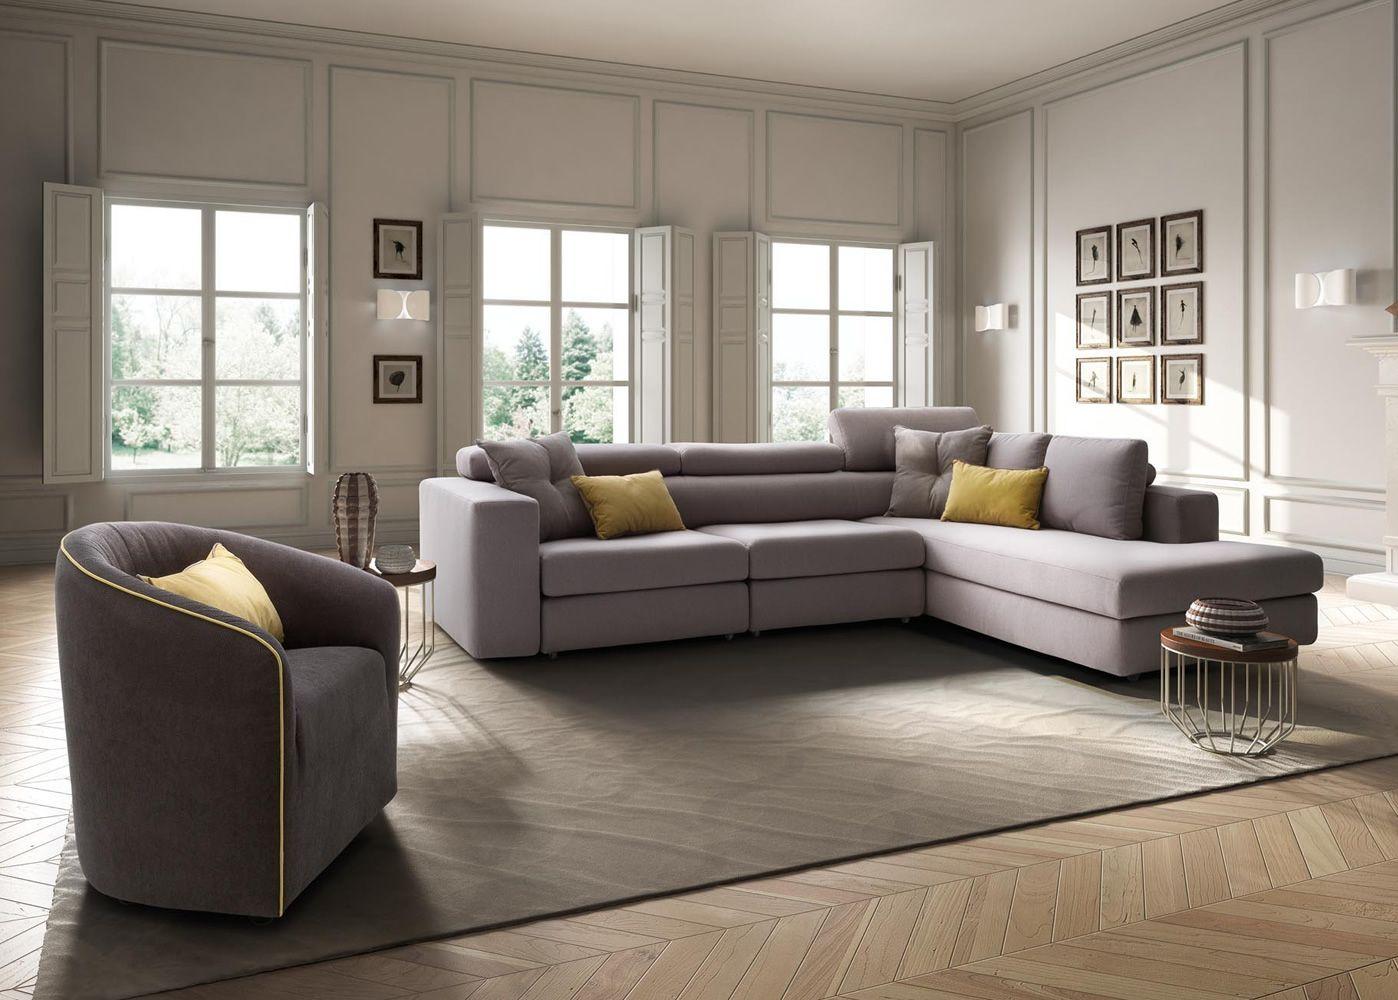 Paloma maxi divano a 3 posti mobili con chaise longue - Divano 4 posti con chaise longue ...